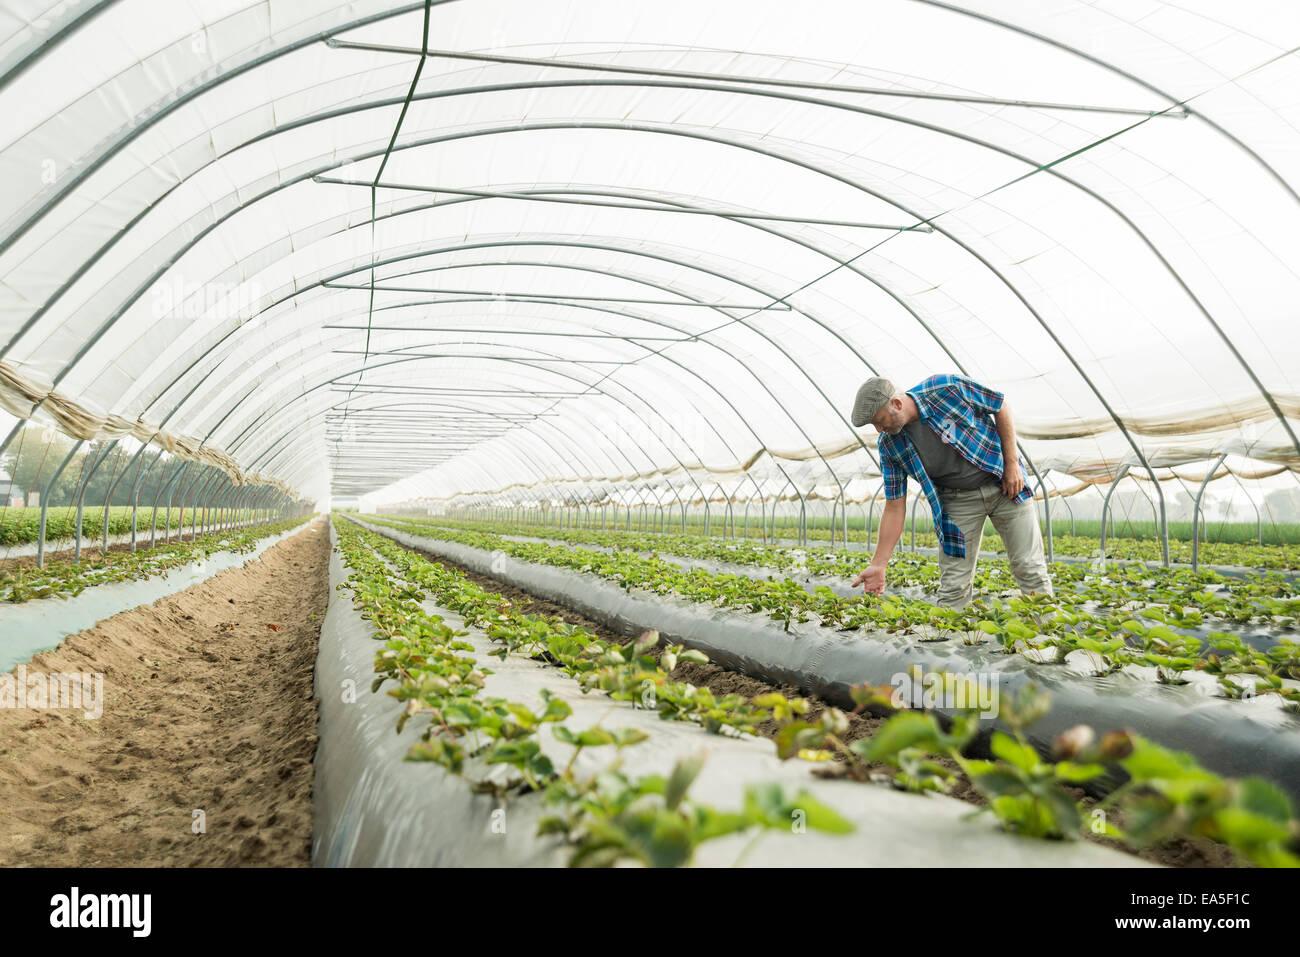 Landwirt Blick auf Pflanzen in einem Gewächshaus Stockbild